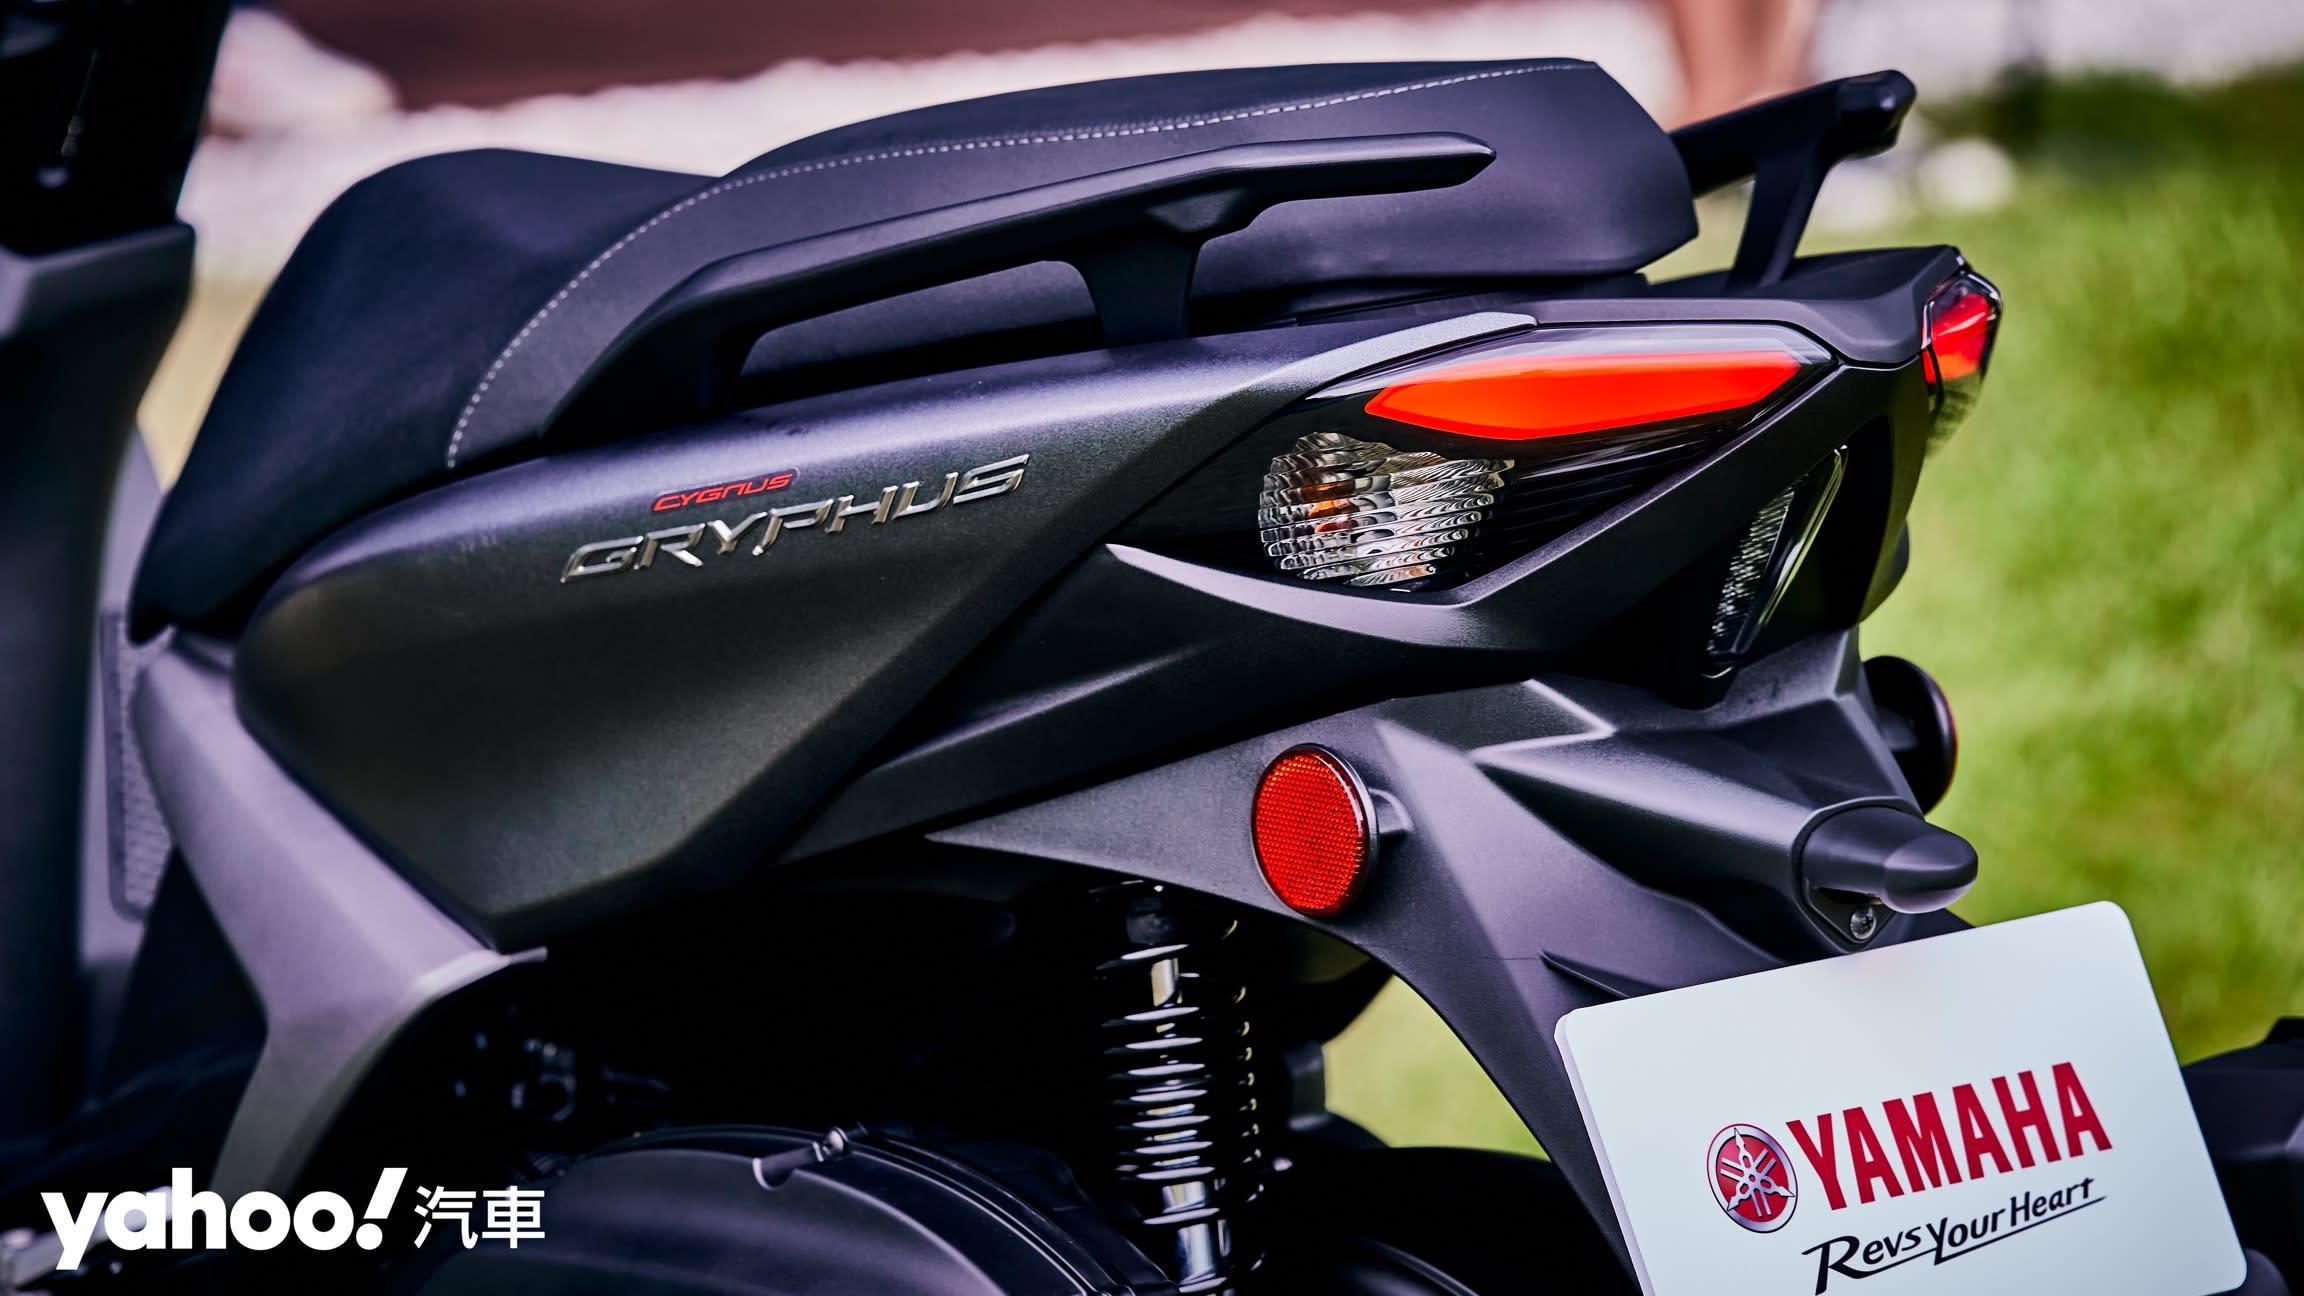 別再狼來了、這次真的是水冷!2020 Yamaha全新勁戰Cygnus Gryphus正式發表!